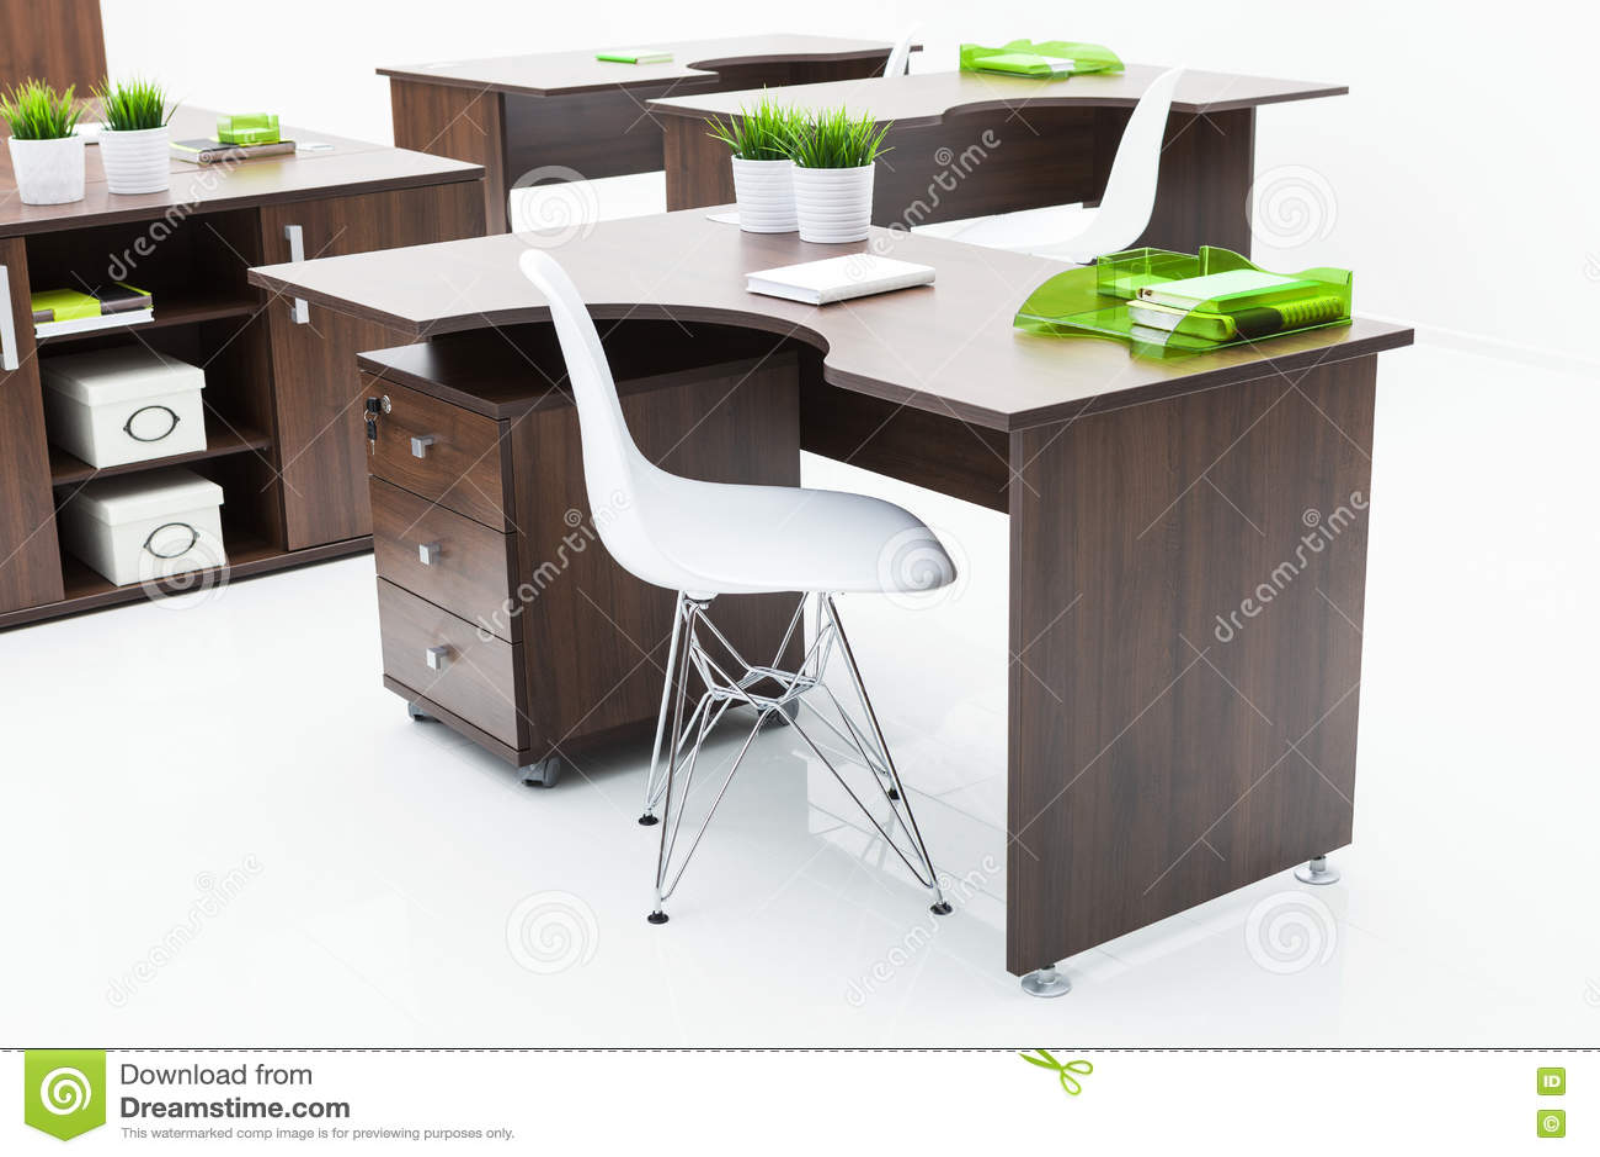 Sedie Bianche In Legno: Sedie in legno con il colore marrone e ...